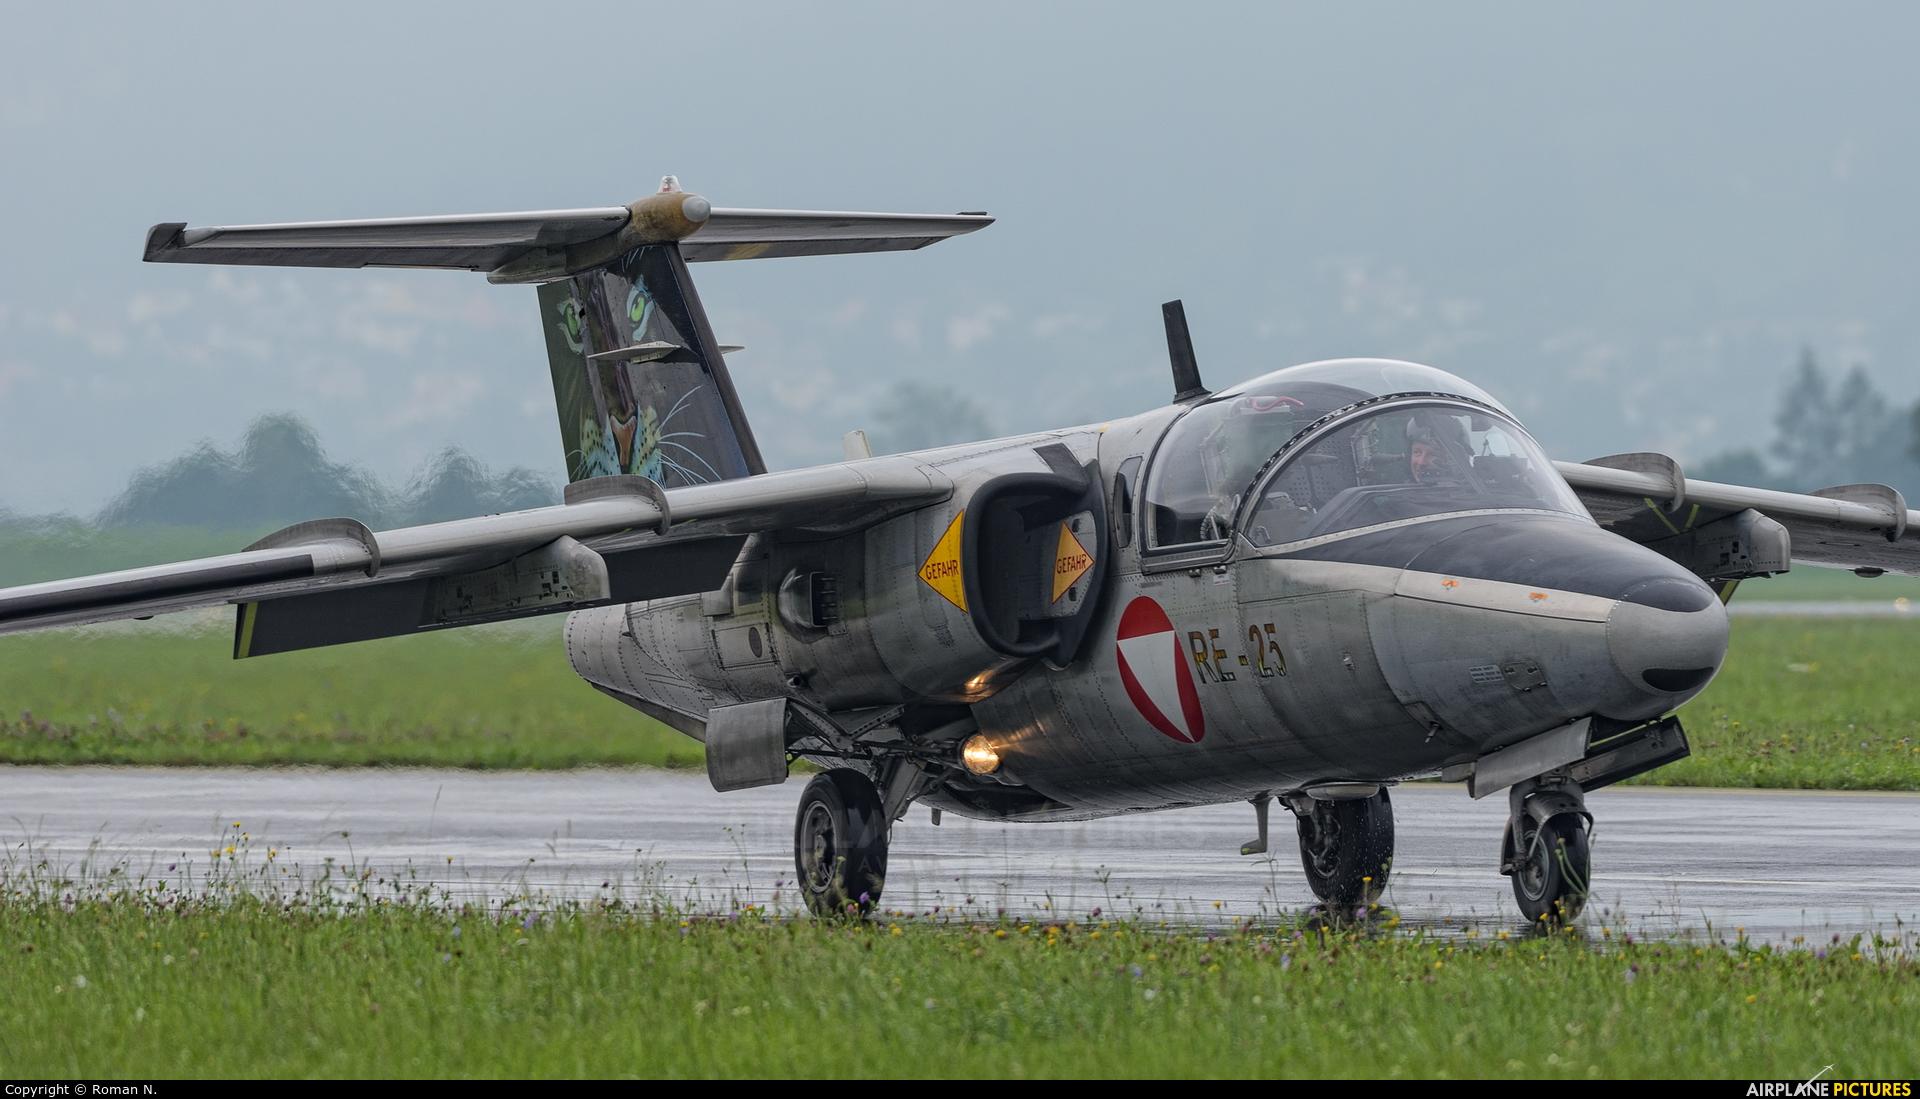 Austria - Air Force 1125 aircraft at Zeltweg